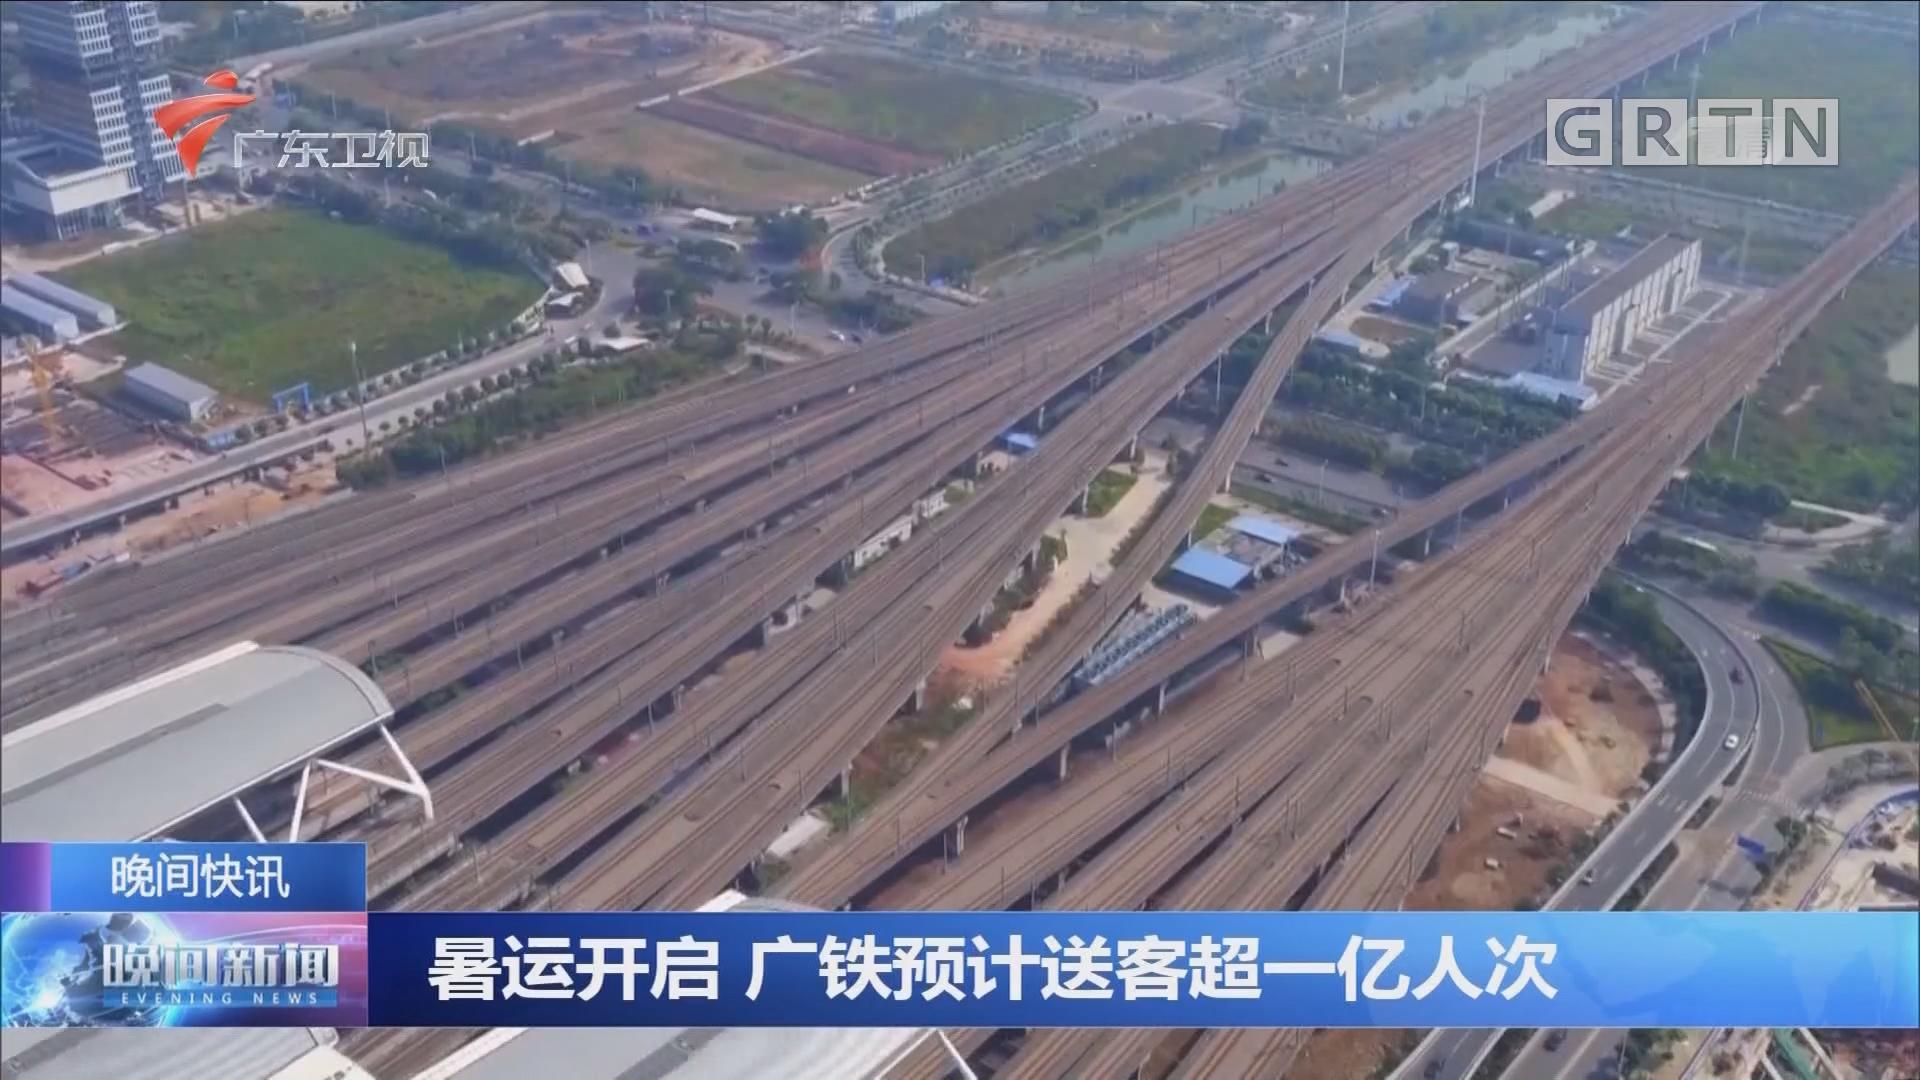 暑运开启 广铁预计送客超一亿人次